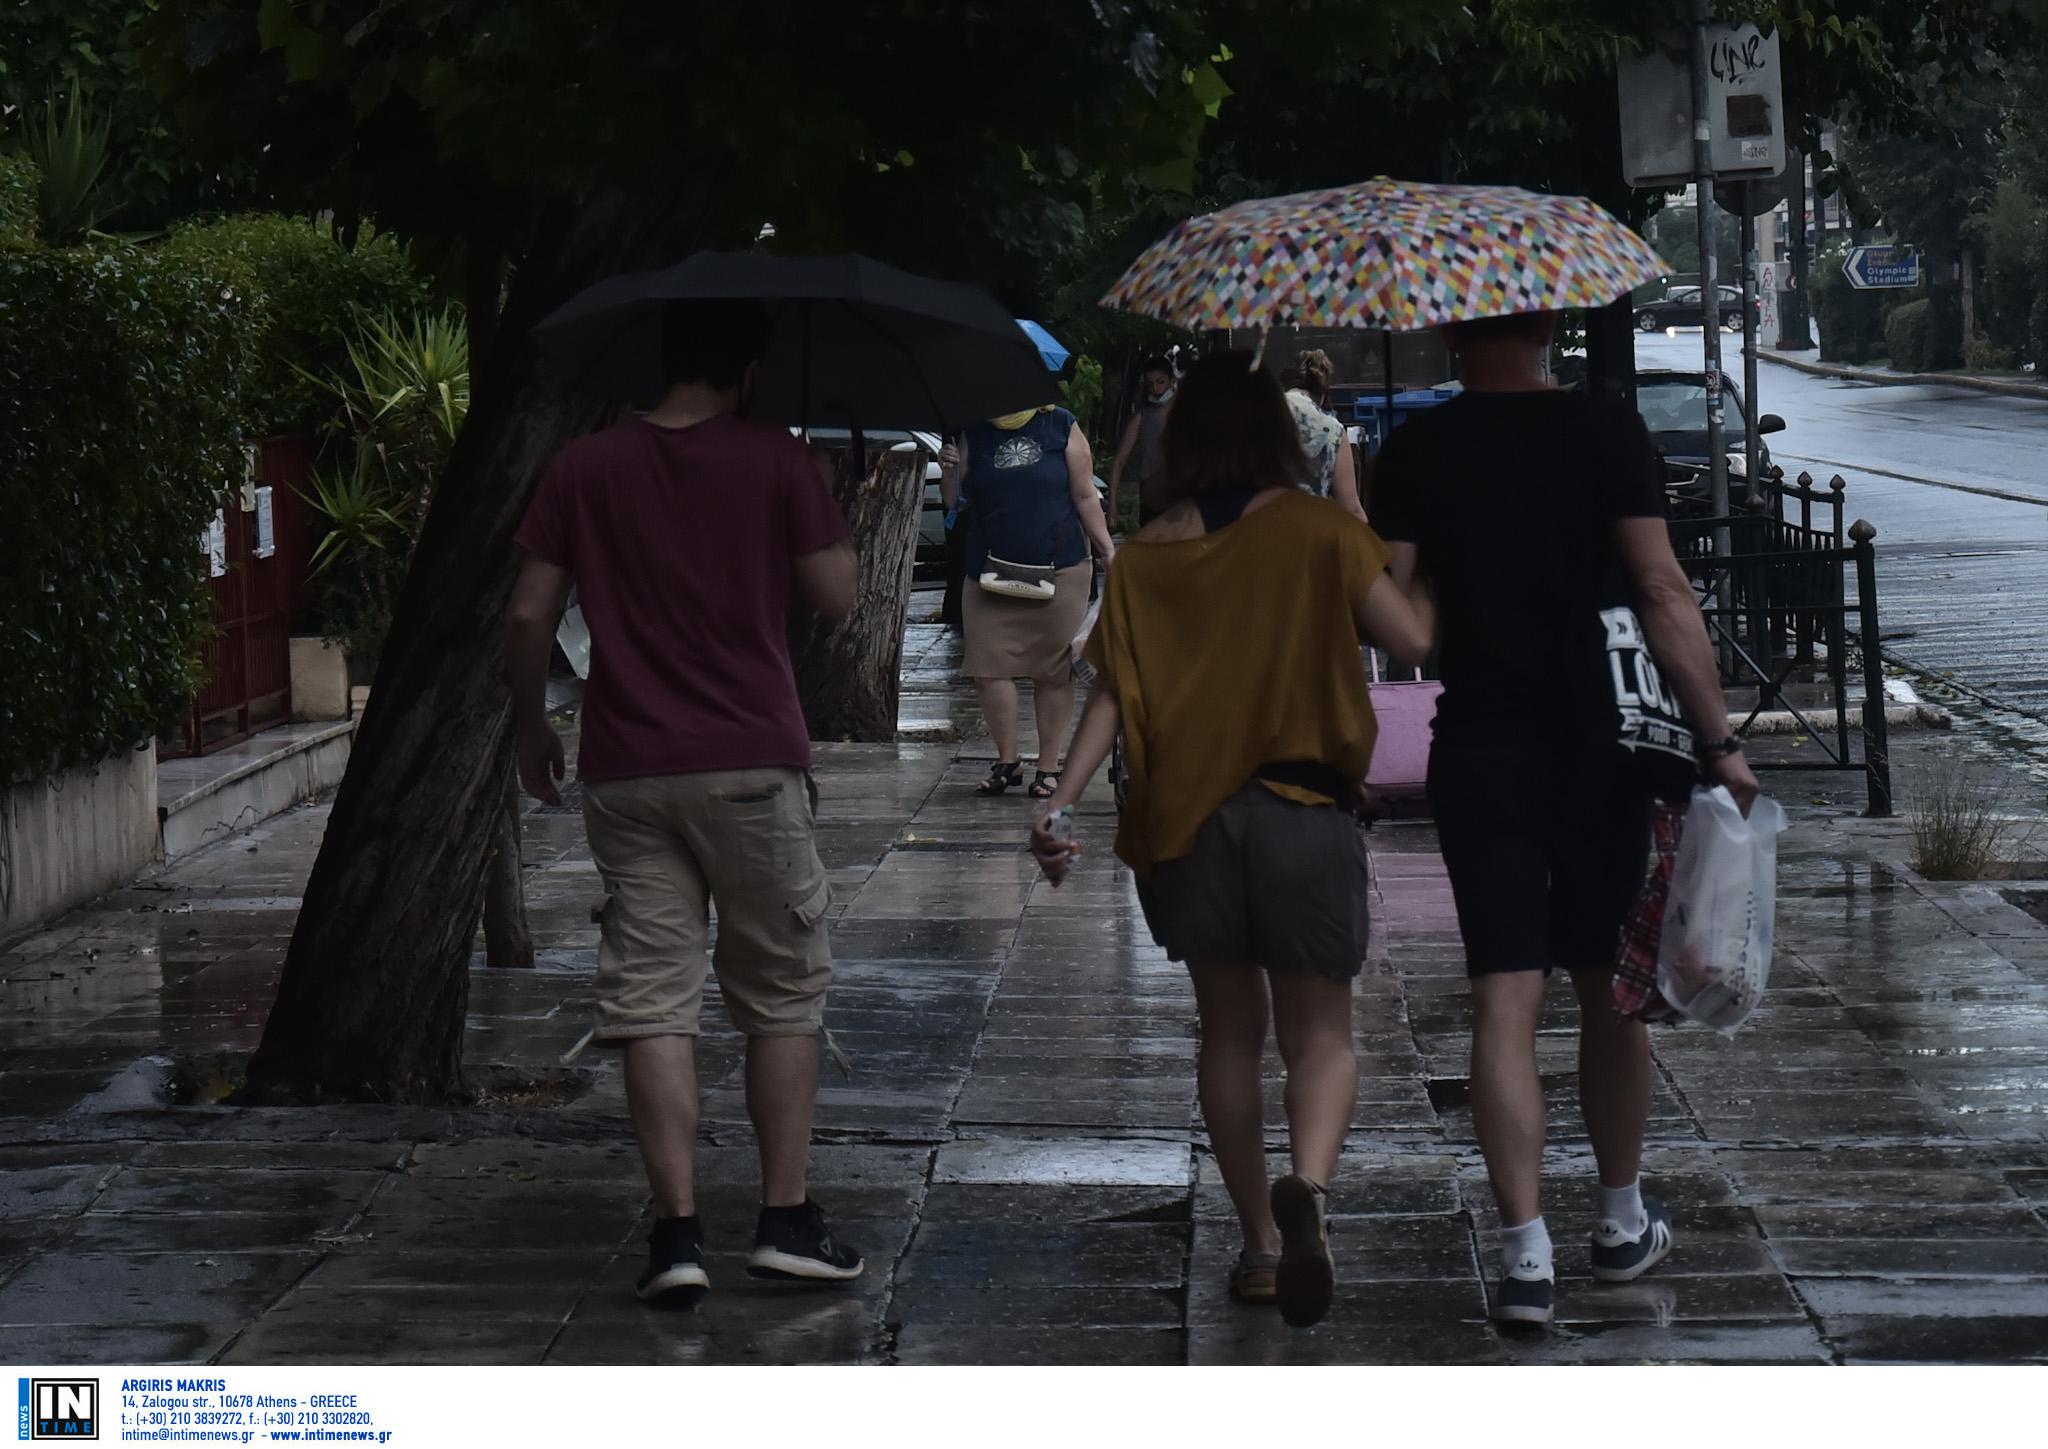 Καιρός: Έρχεται μίνι κακοκαιρία με καταιγίδες – Πόσο θα κρατήσει, ποιες περιοχές θα επηρεαστούν (pics)